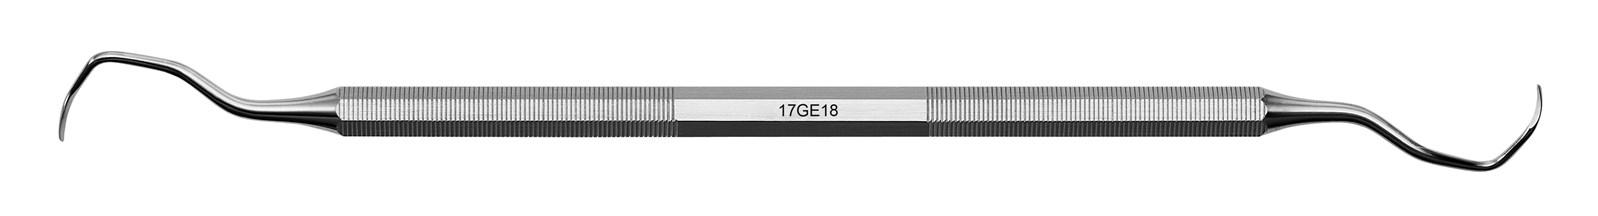 Kyreta Gracey Classic - 17GE18, ADEP silikonový návlek tmavě modrý